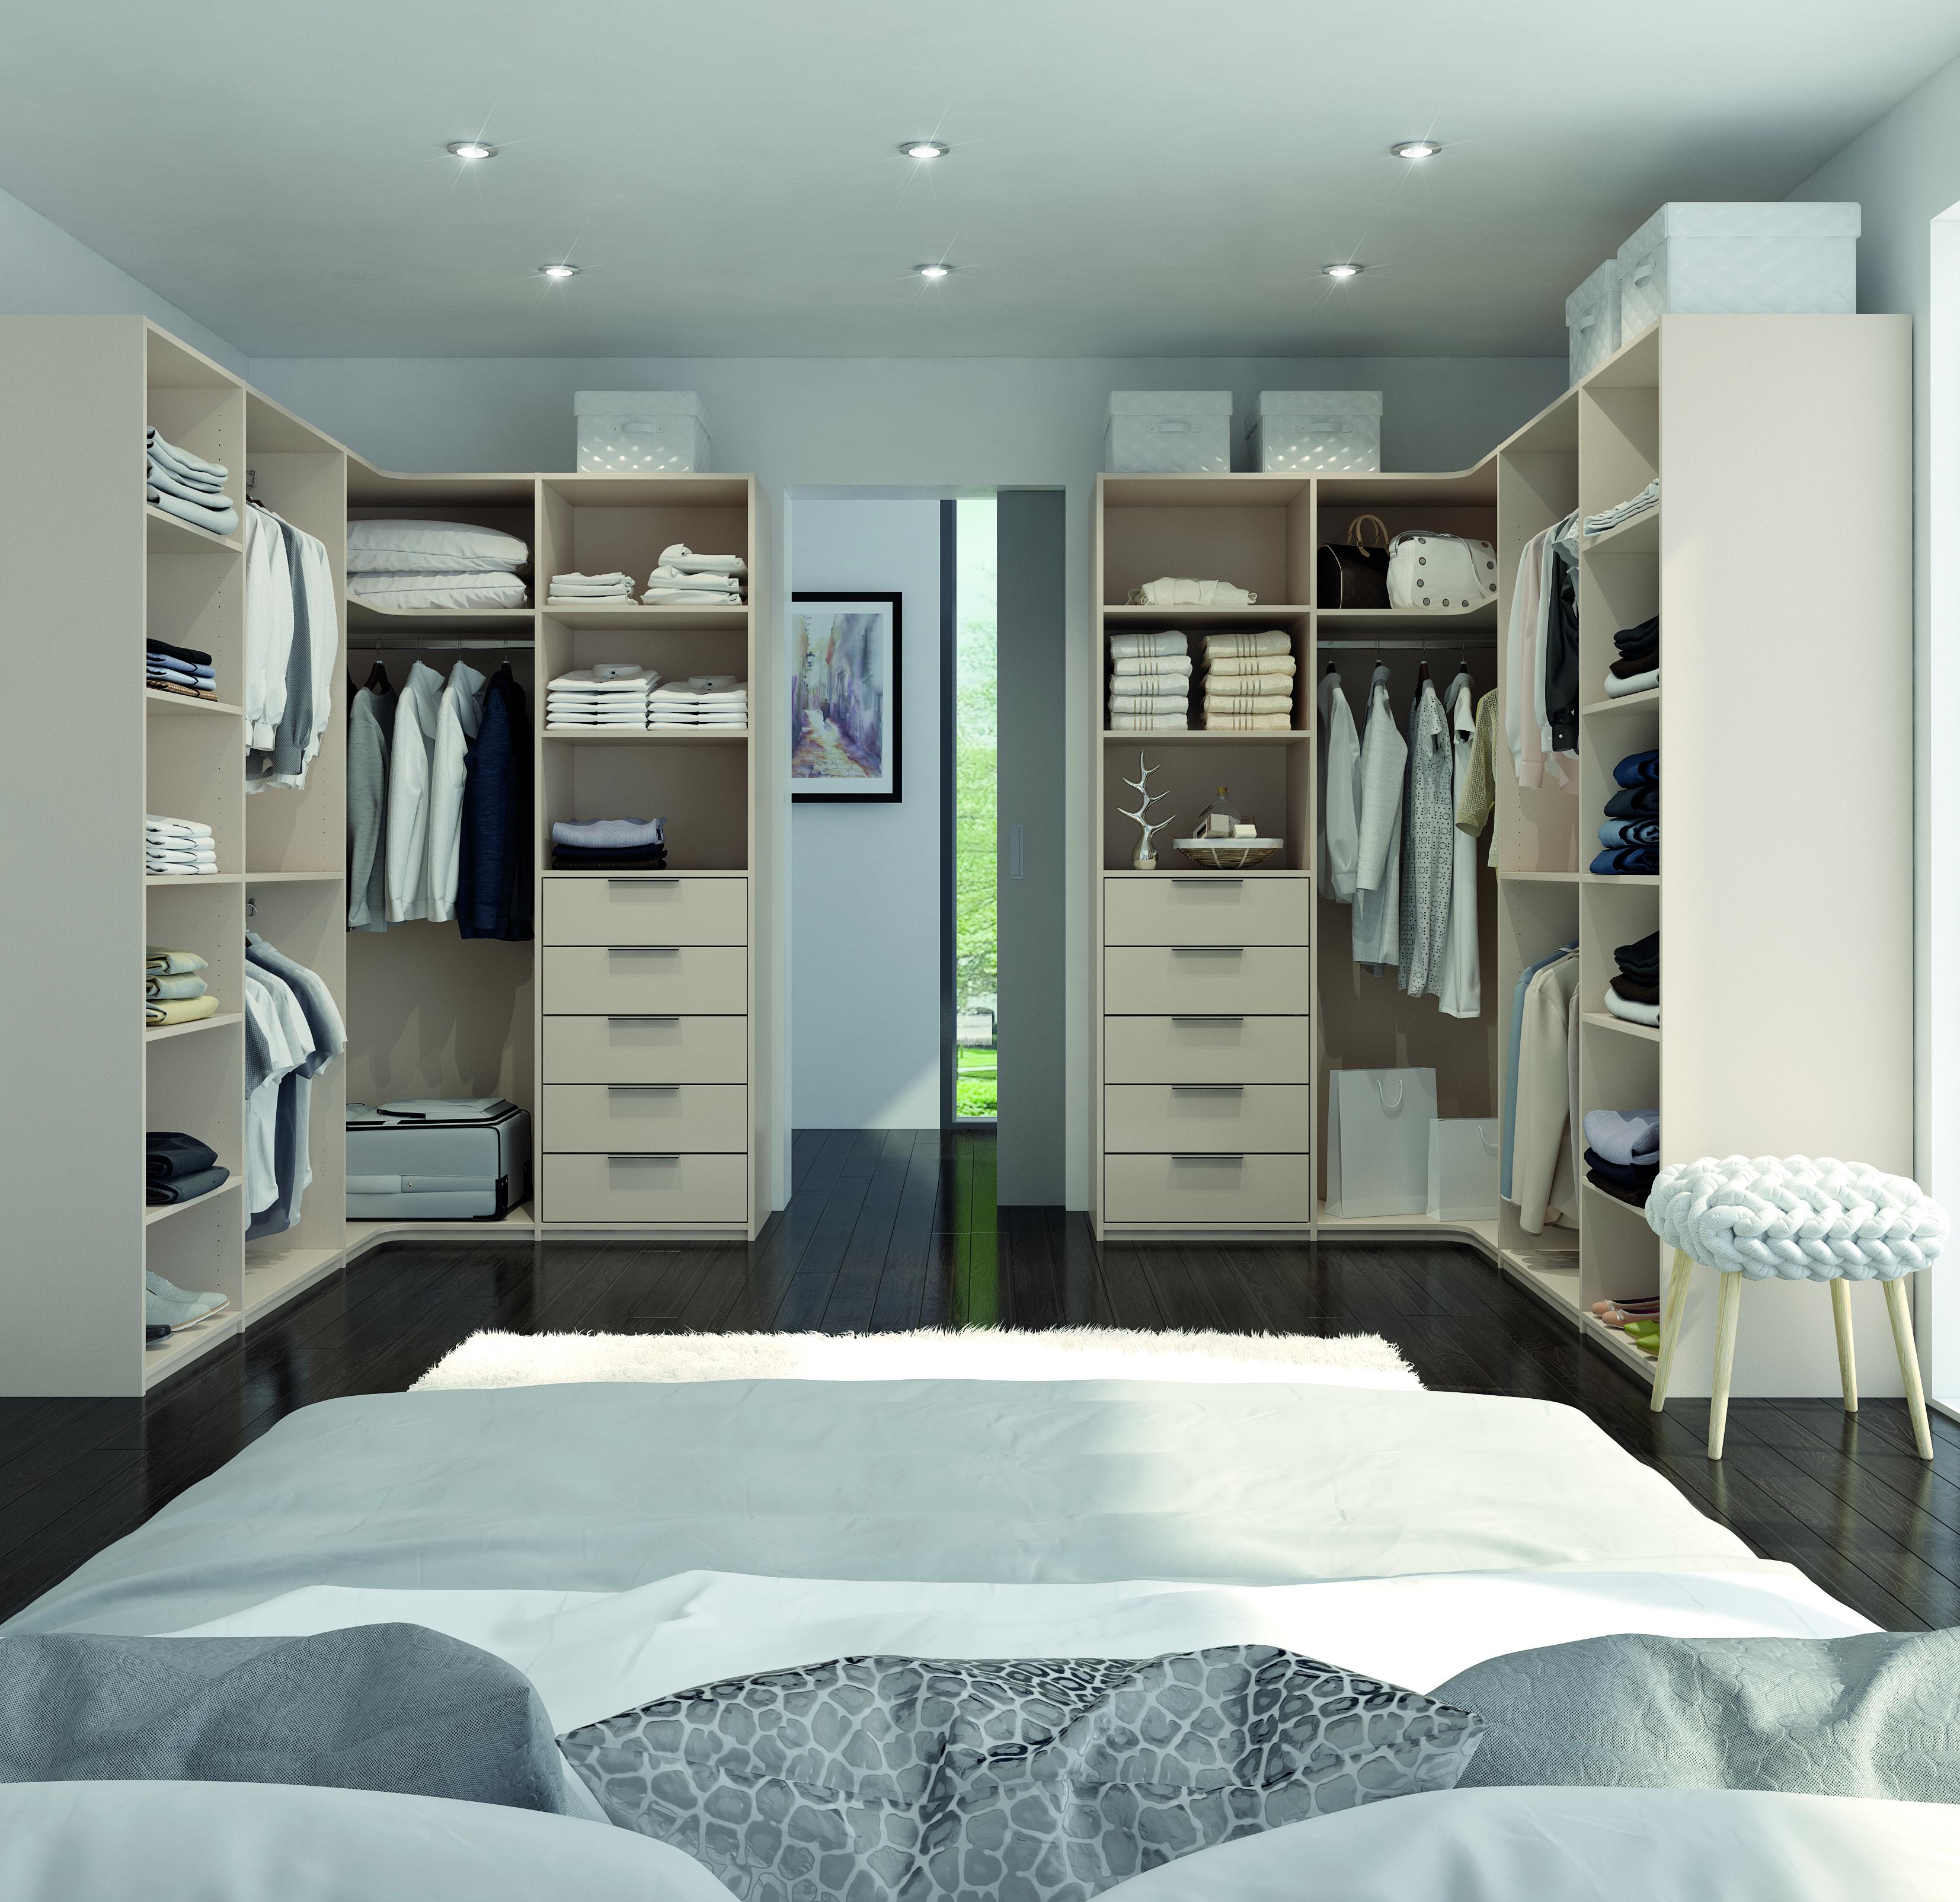 coulidoor vient de sortir son nouveau catalogue 2016 2017 c cile roux relations presse. Black Bedroom Furniture Sets. Home Design Ideas